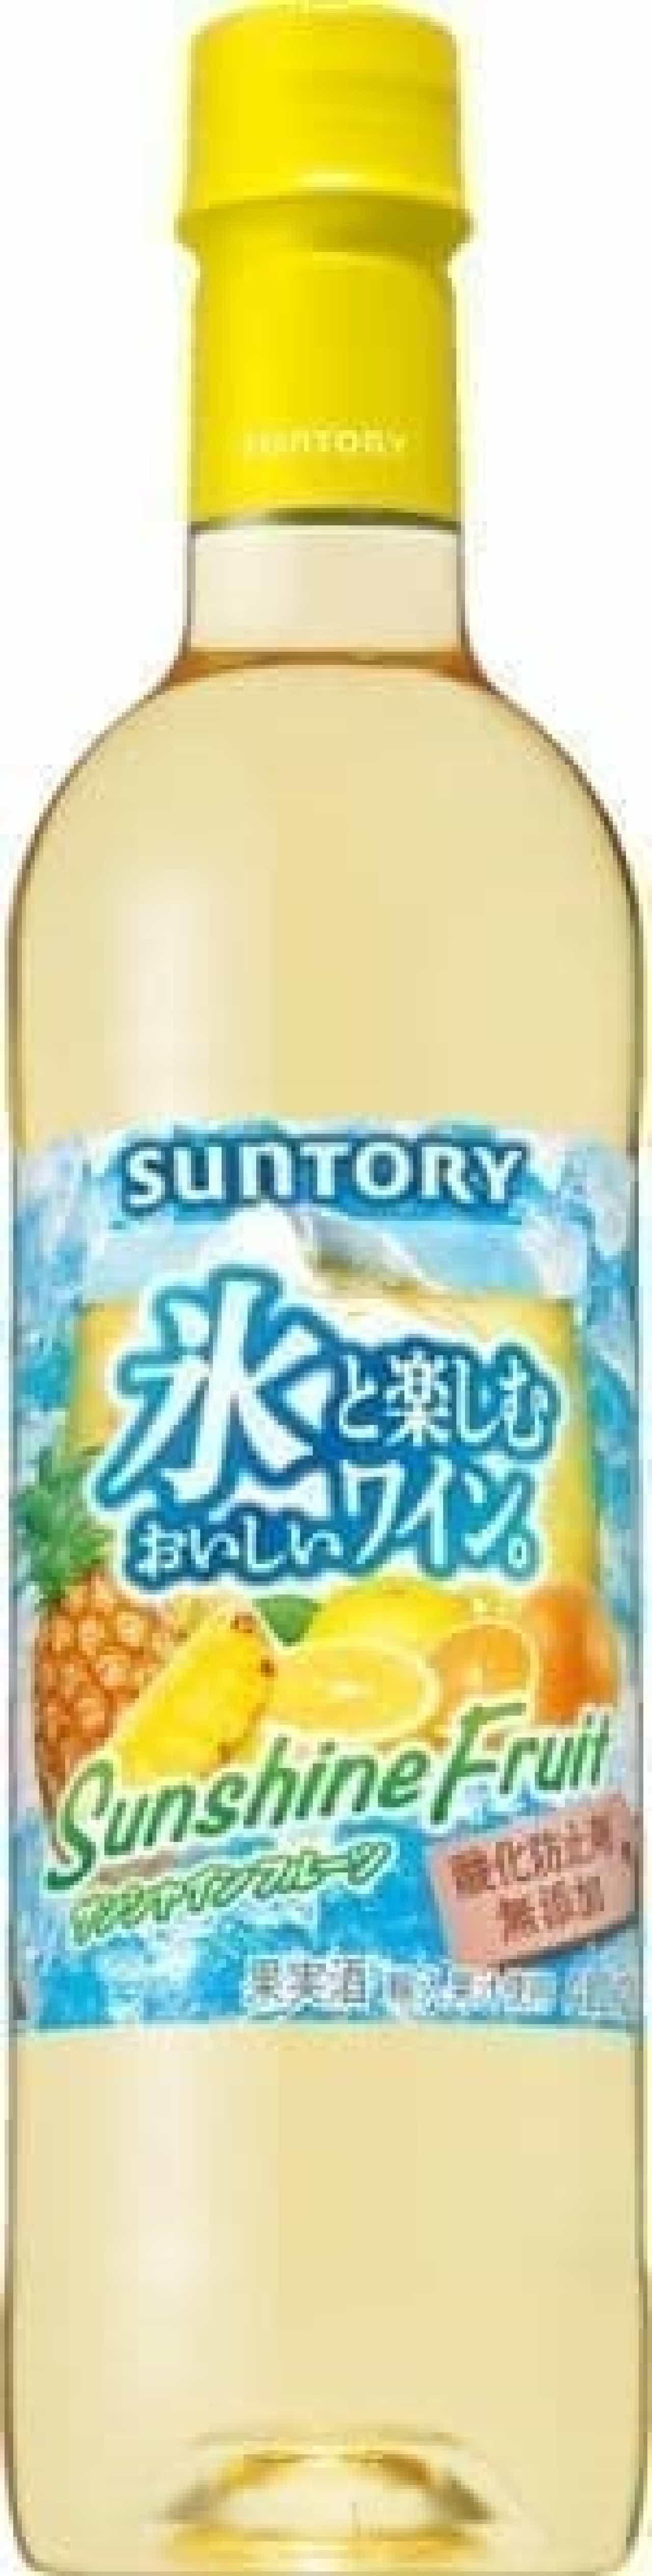 サントリー「氷と楽しむおいしいワイン。(酸化防止剤無添加)サンシャインフルーツ」